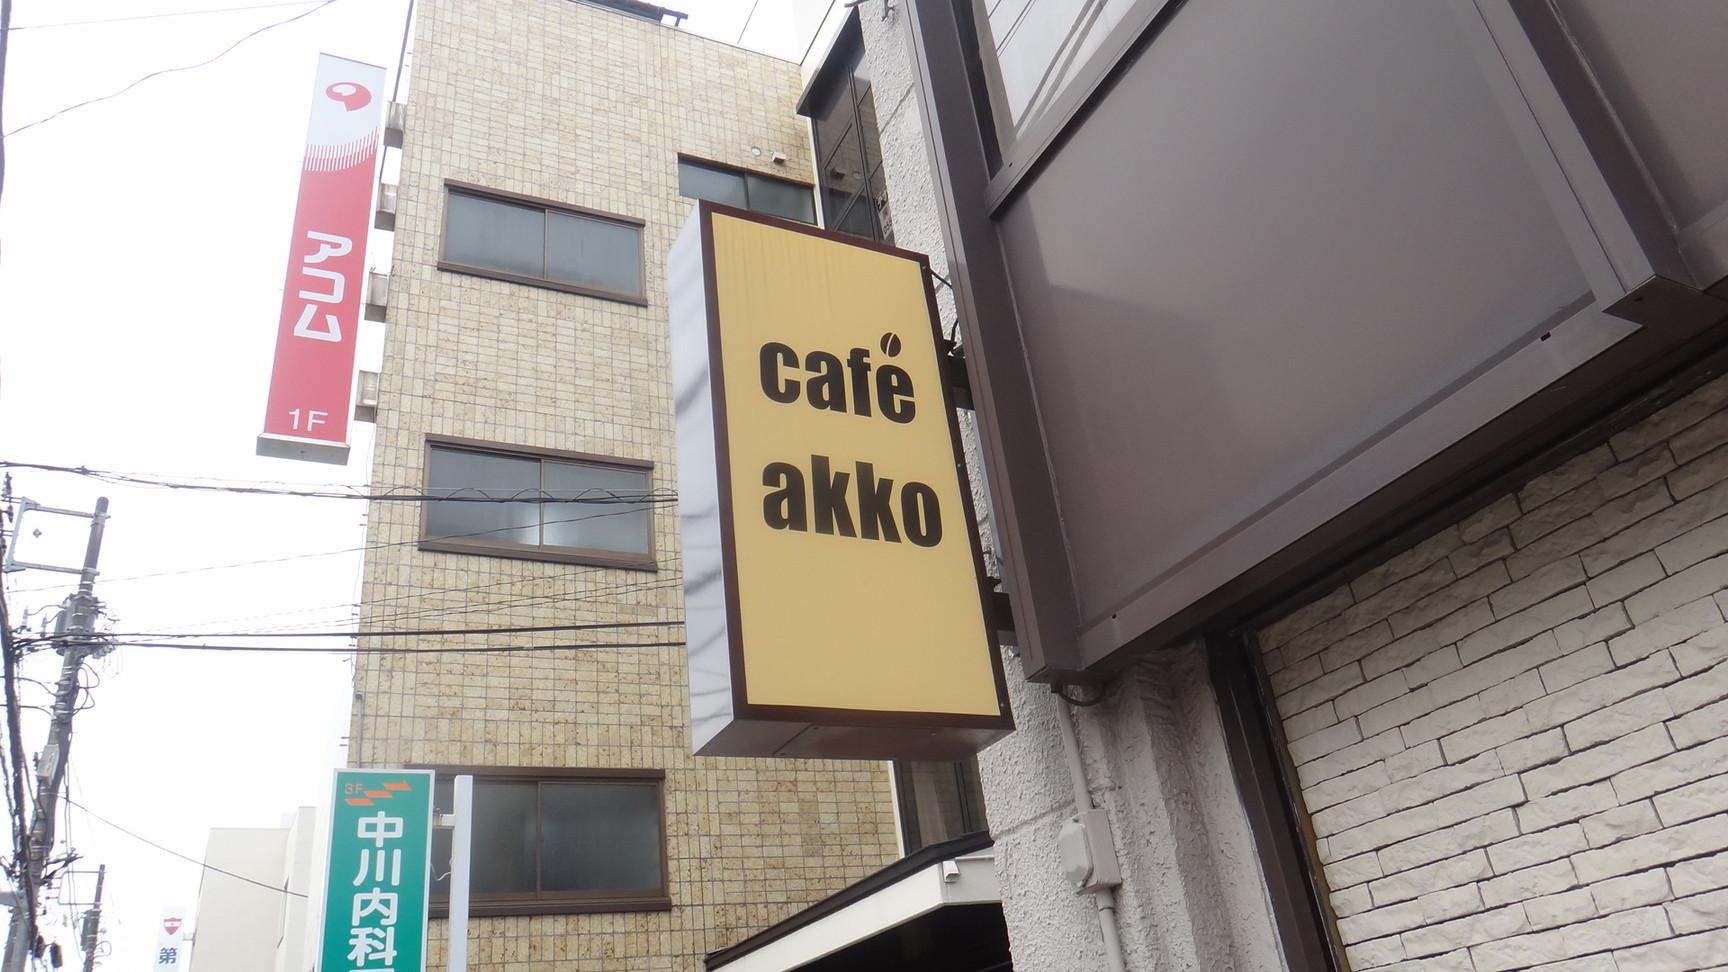 カフェ アッコ